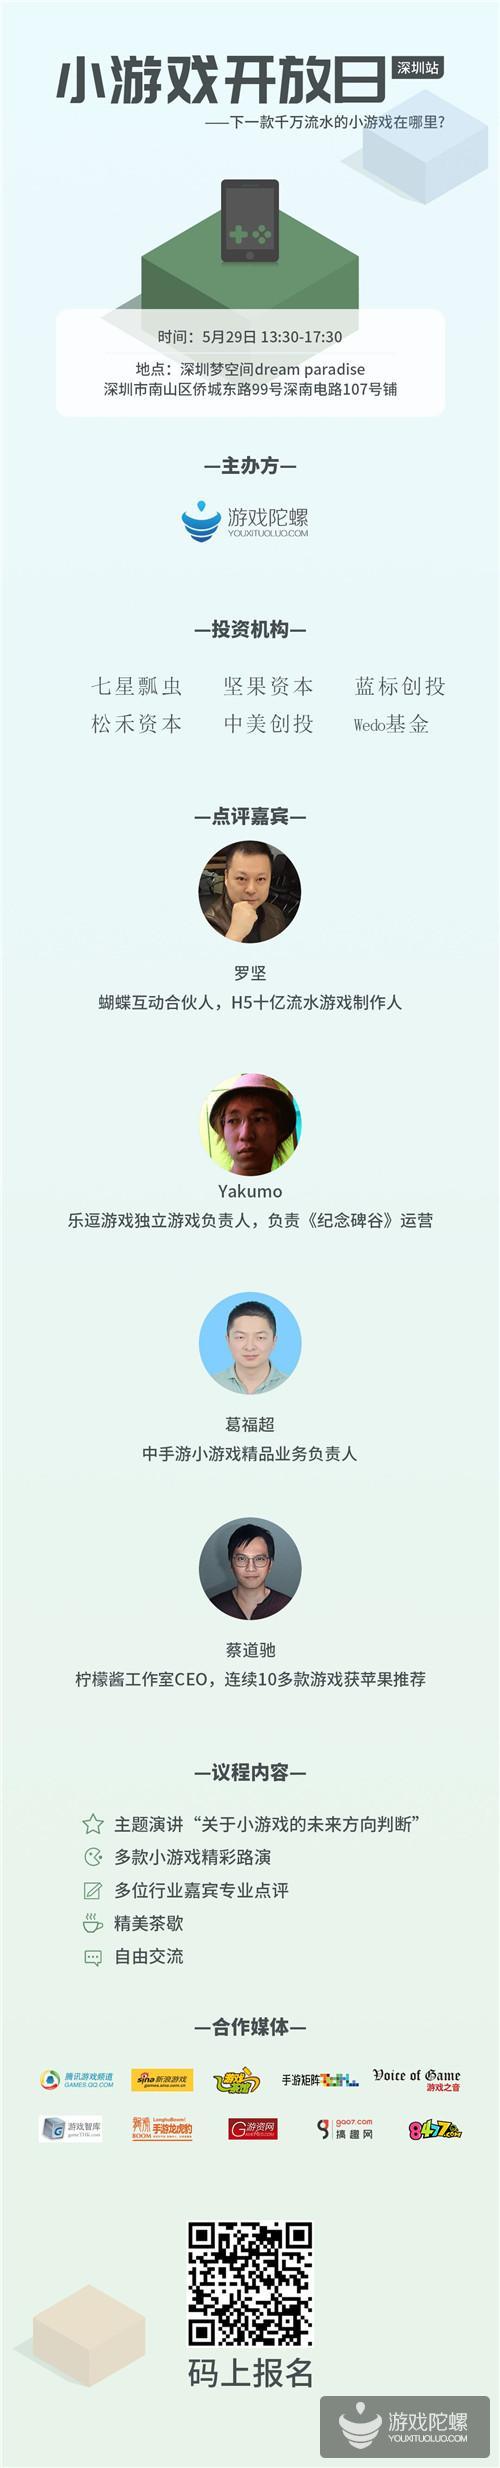 精品路演、未来方向判断,小游戏开放日:5月29日深圳举行!